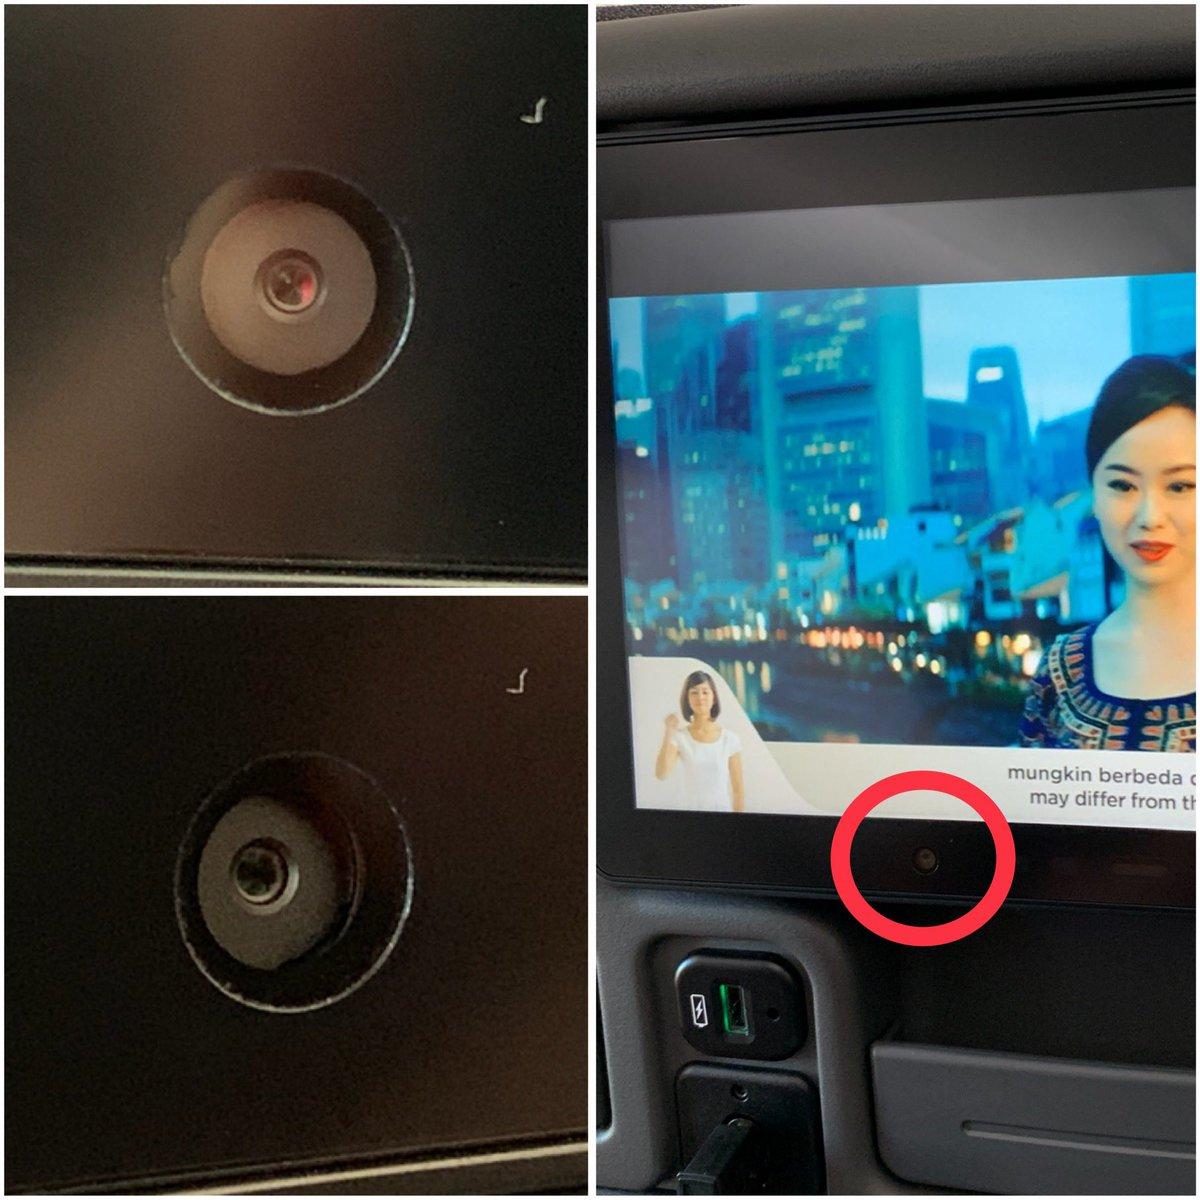 Twitterfotoet fra en passager der efter flyvning med Singapore Airlines undrede sig over, om der var et kamera indbygget i underholdningssystemet. Foto via Twitter: Vitaly Kamluk.